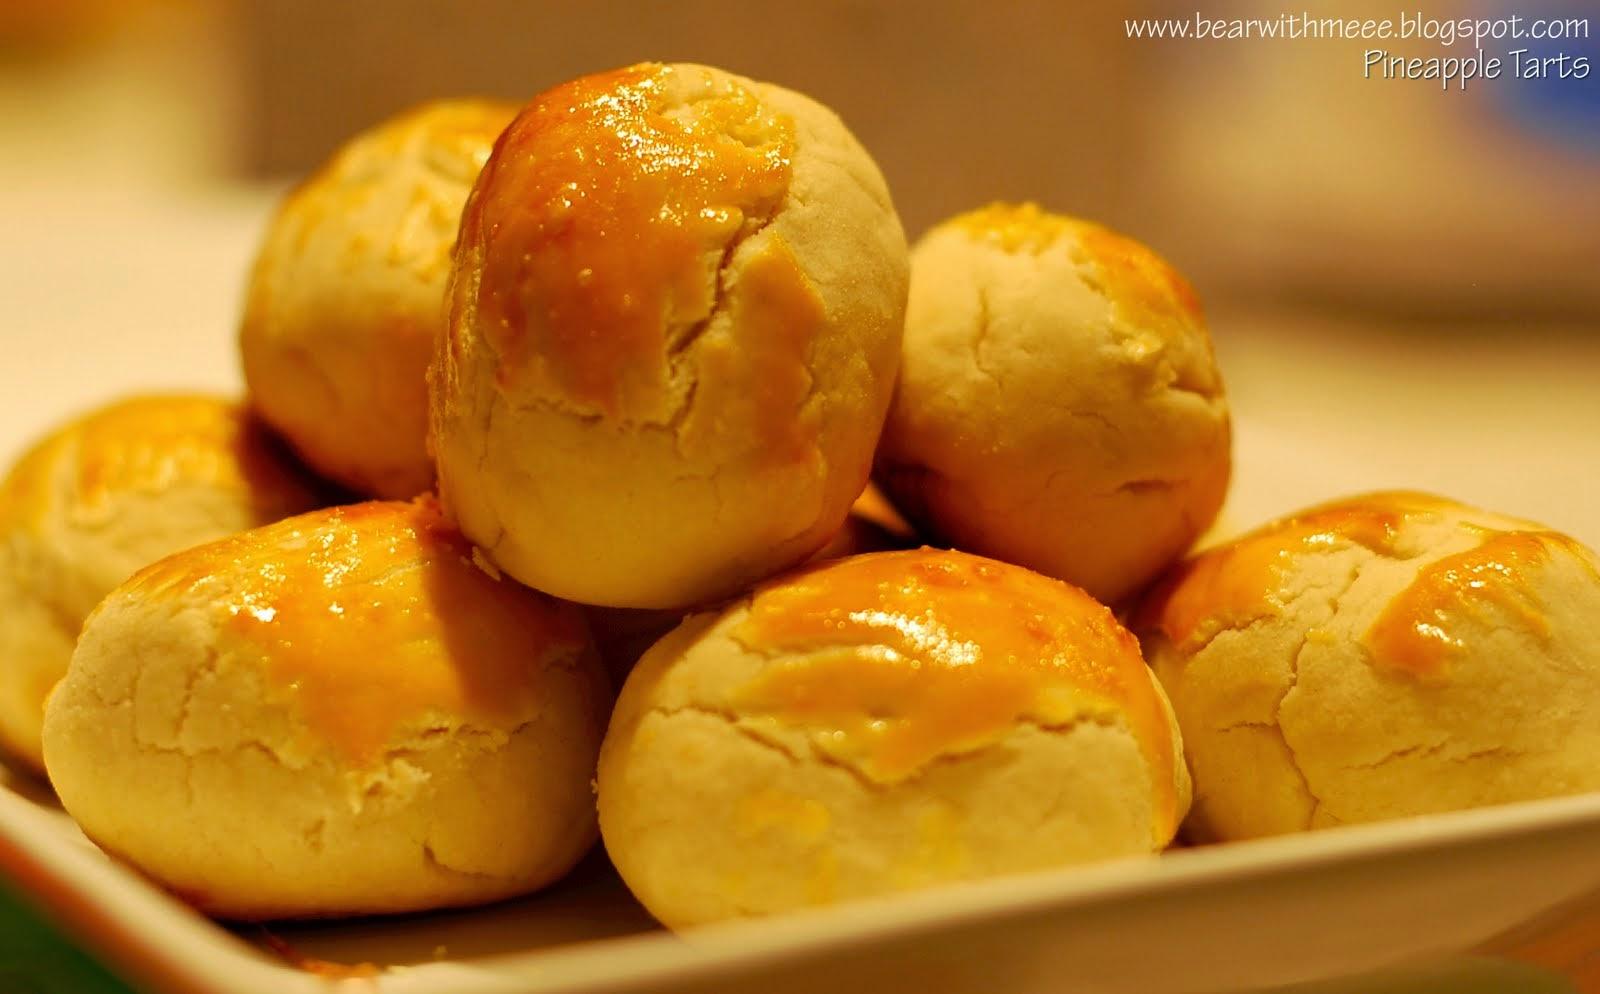 Resep Cake Keju Enak: Resep Kue Kering Nastar Nanas Spesial Keju Empuk, Enak Dan